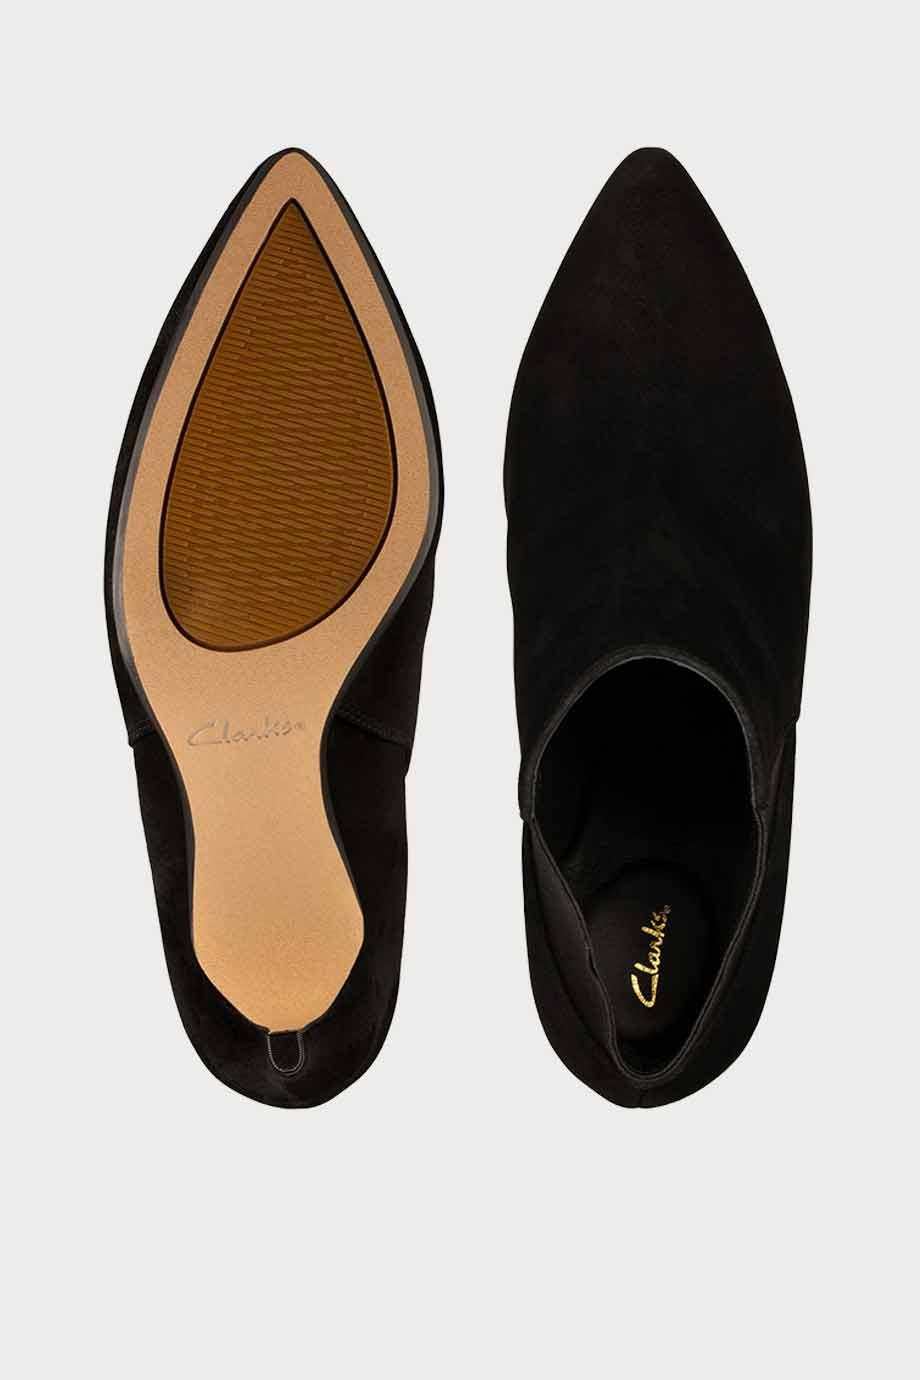 spiridoula metheniti shoes xalkida p laina violet black suede clarks 2